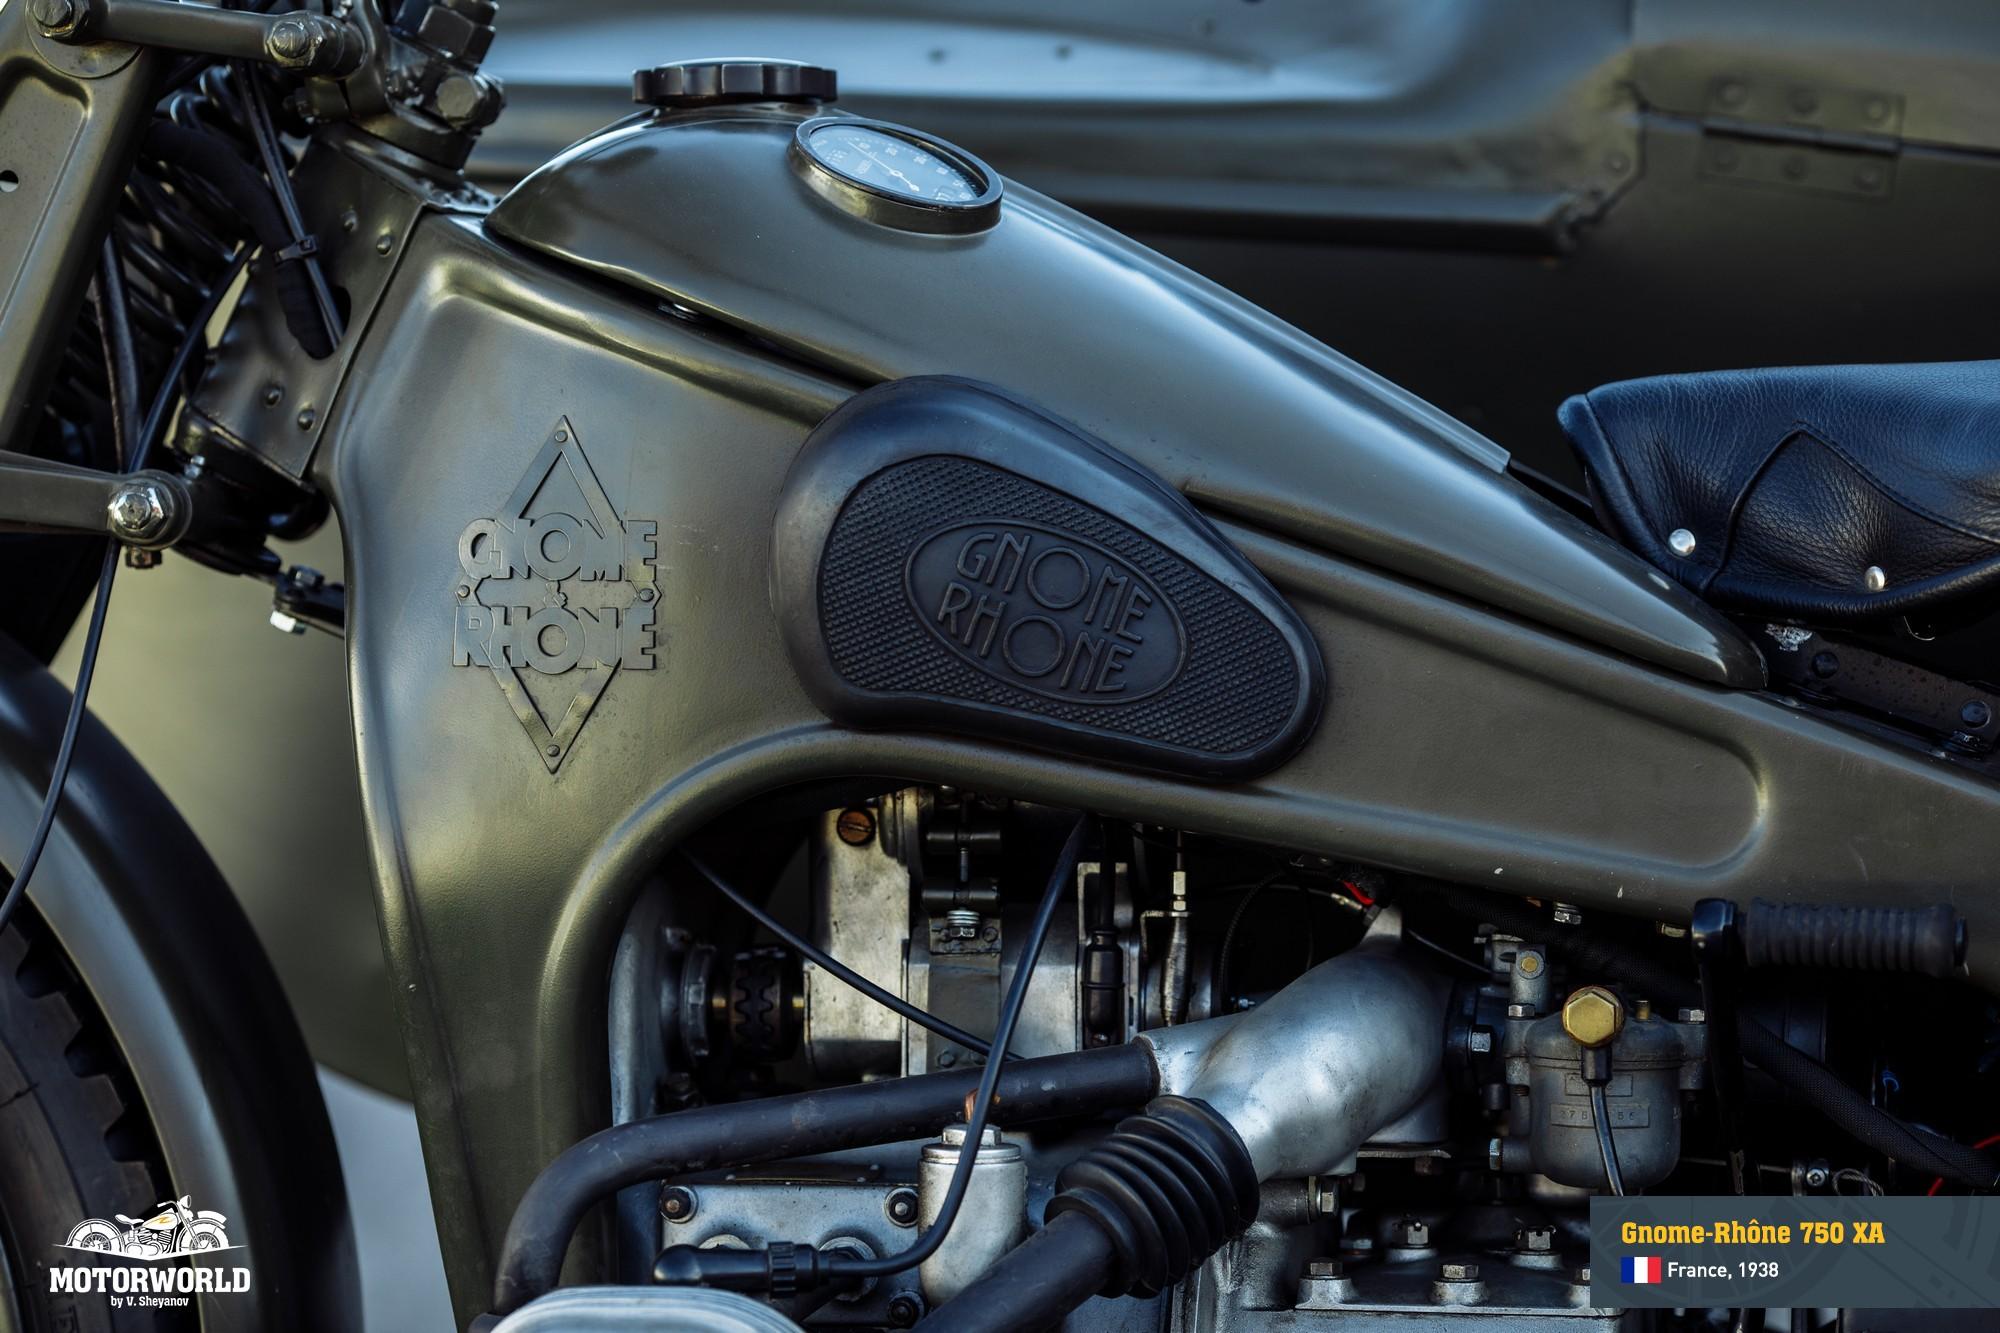 Gnome Rhone 750 AX